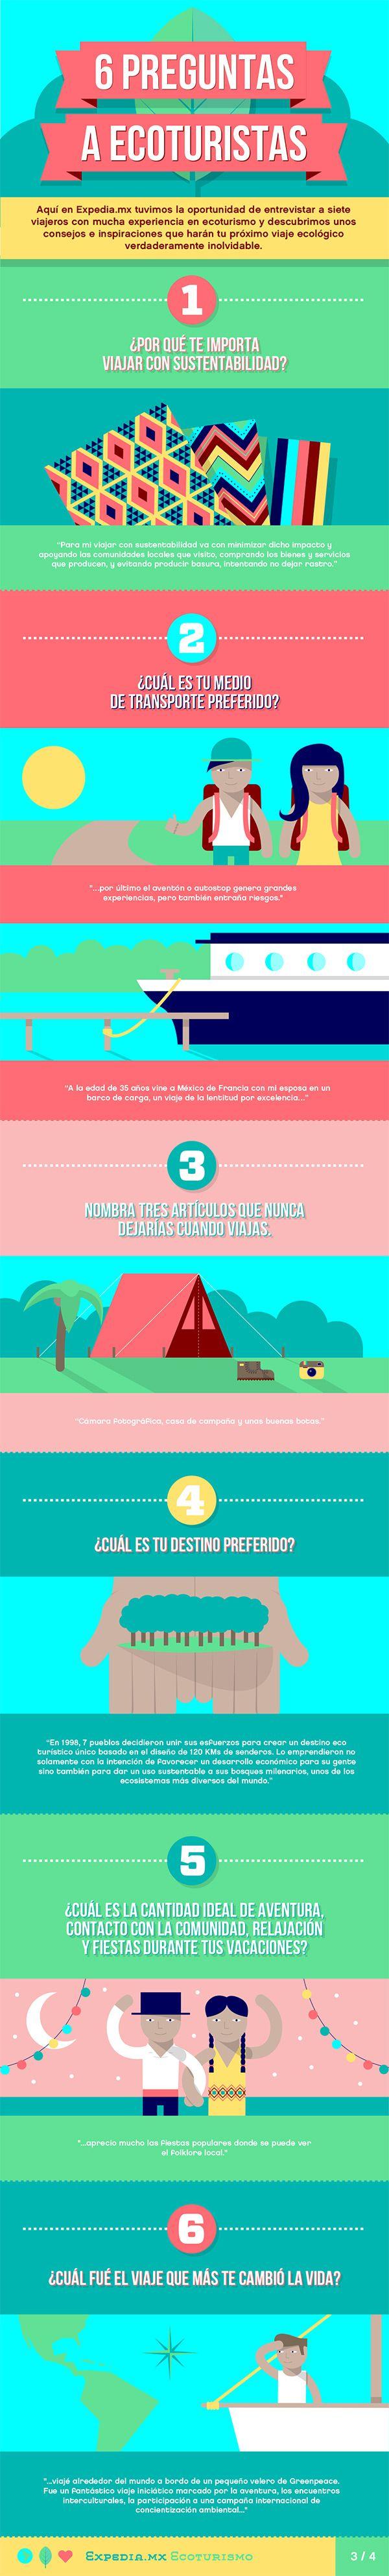 6 preguntas a ecoturistas